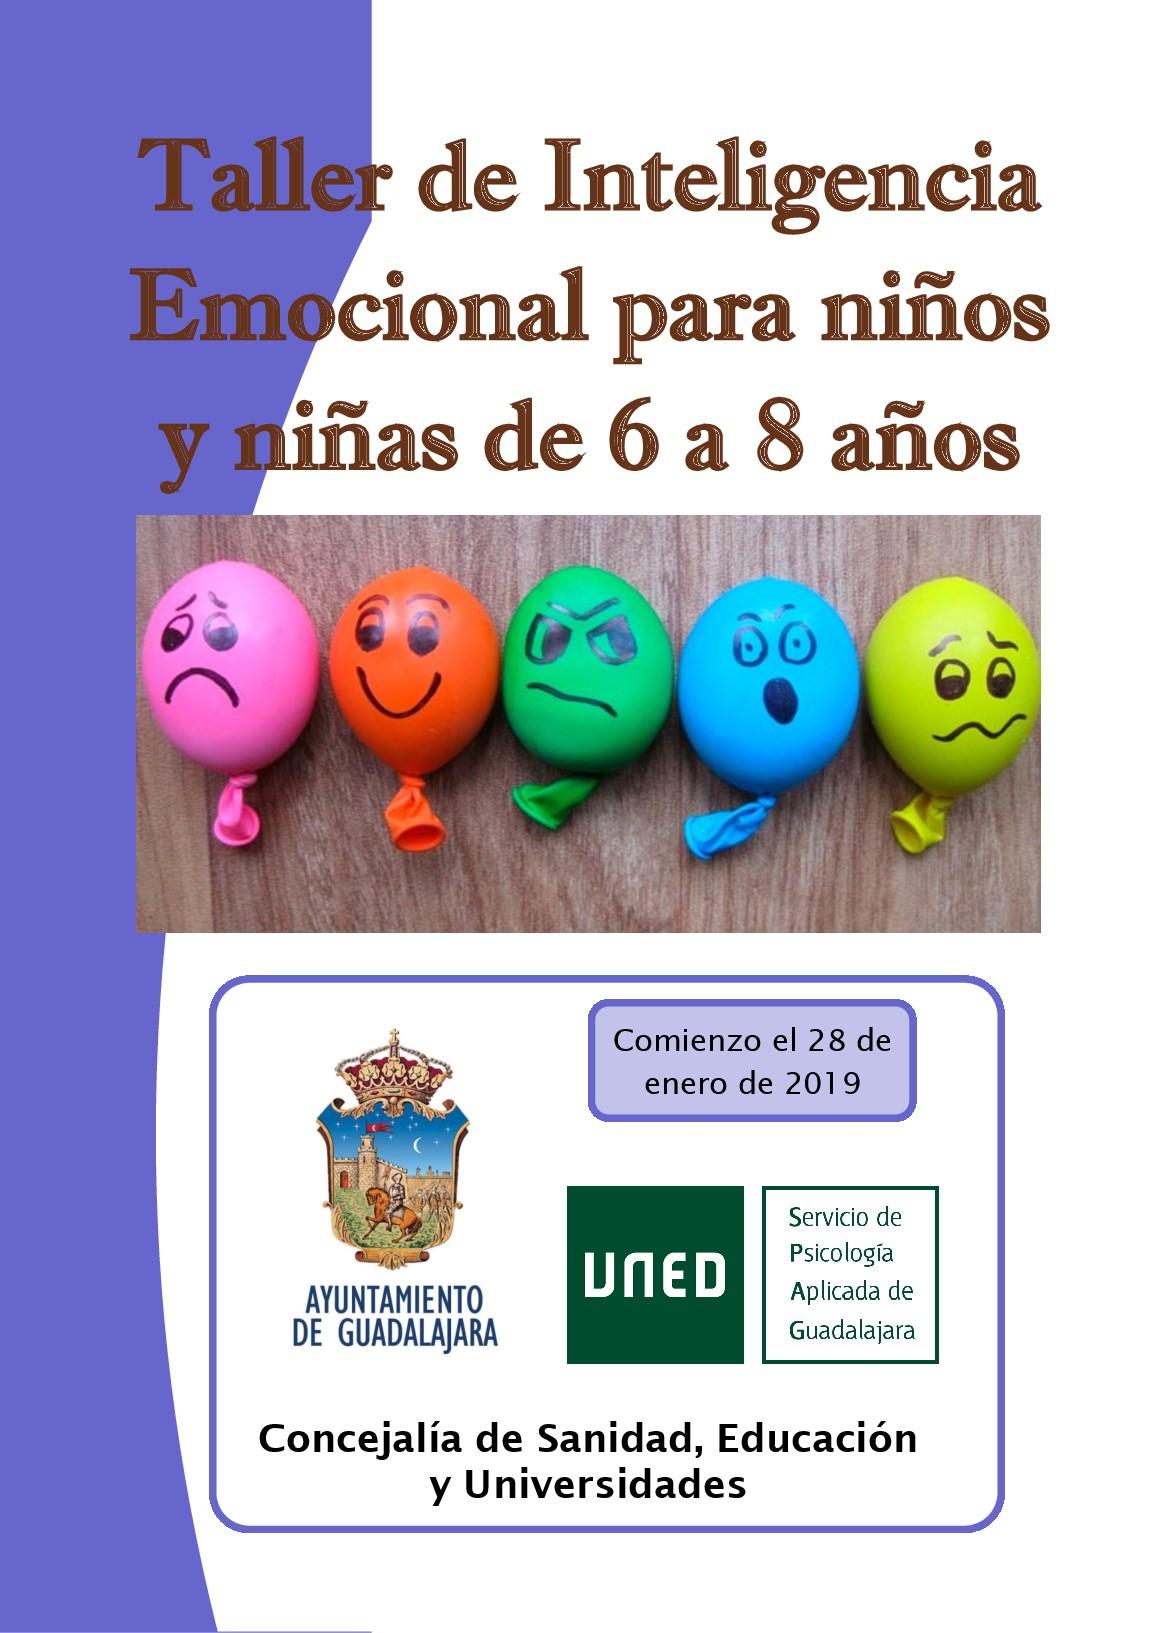 La Concejalía de Educación pone en marcha un taller de inteligencia emocional para niños y niñas de entre 6 y 8 años